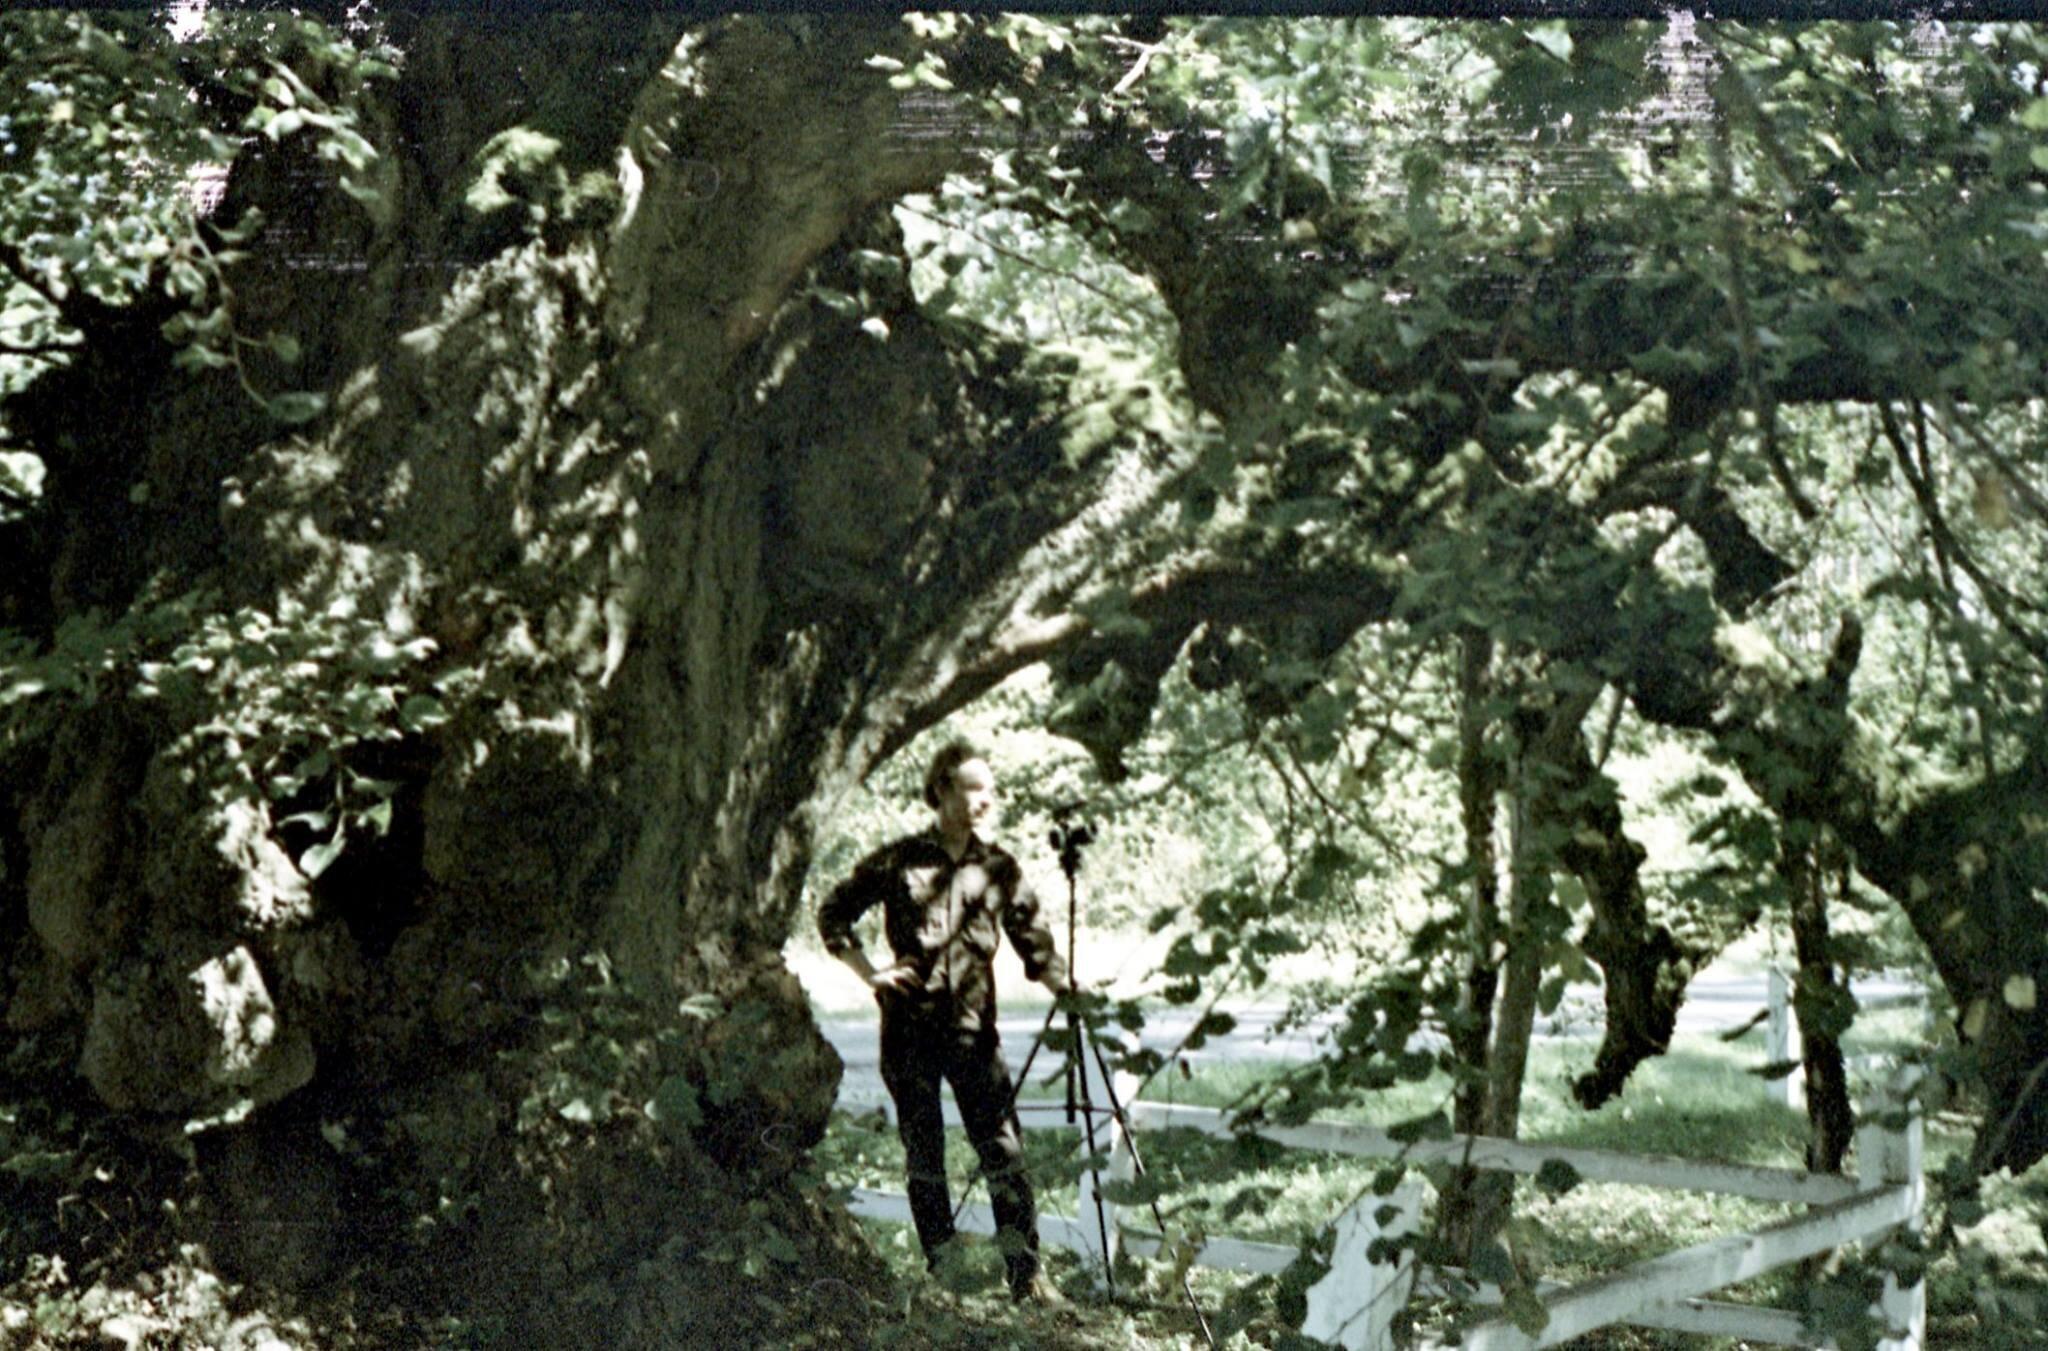 Еліас Парвулеско про художнє становлення, вплив експериментального кіно та капіталізм